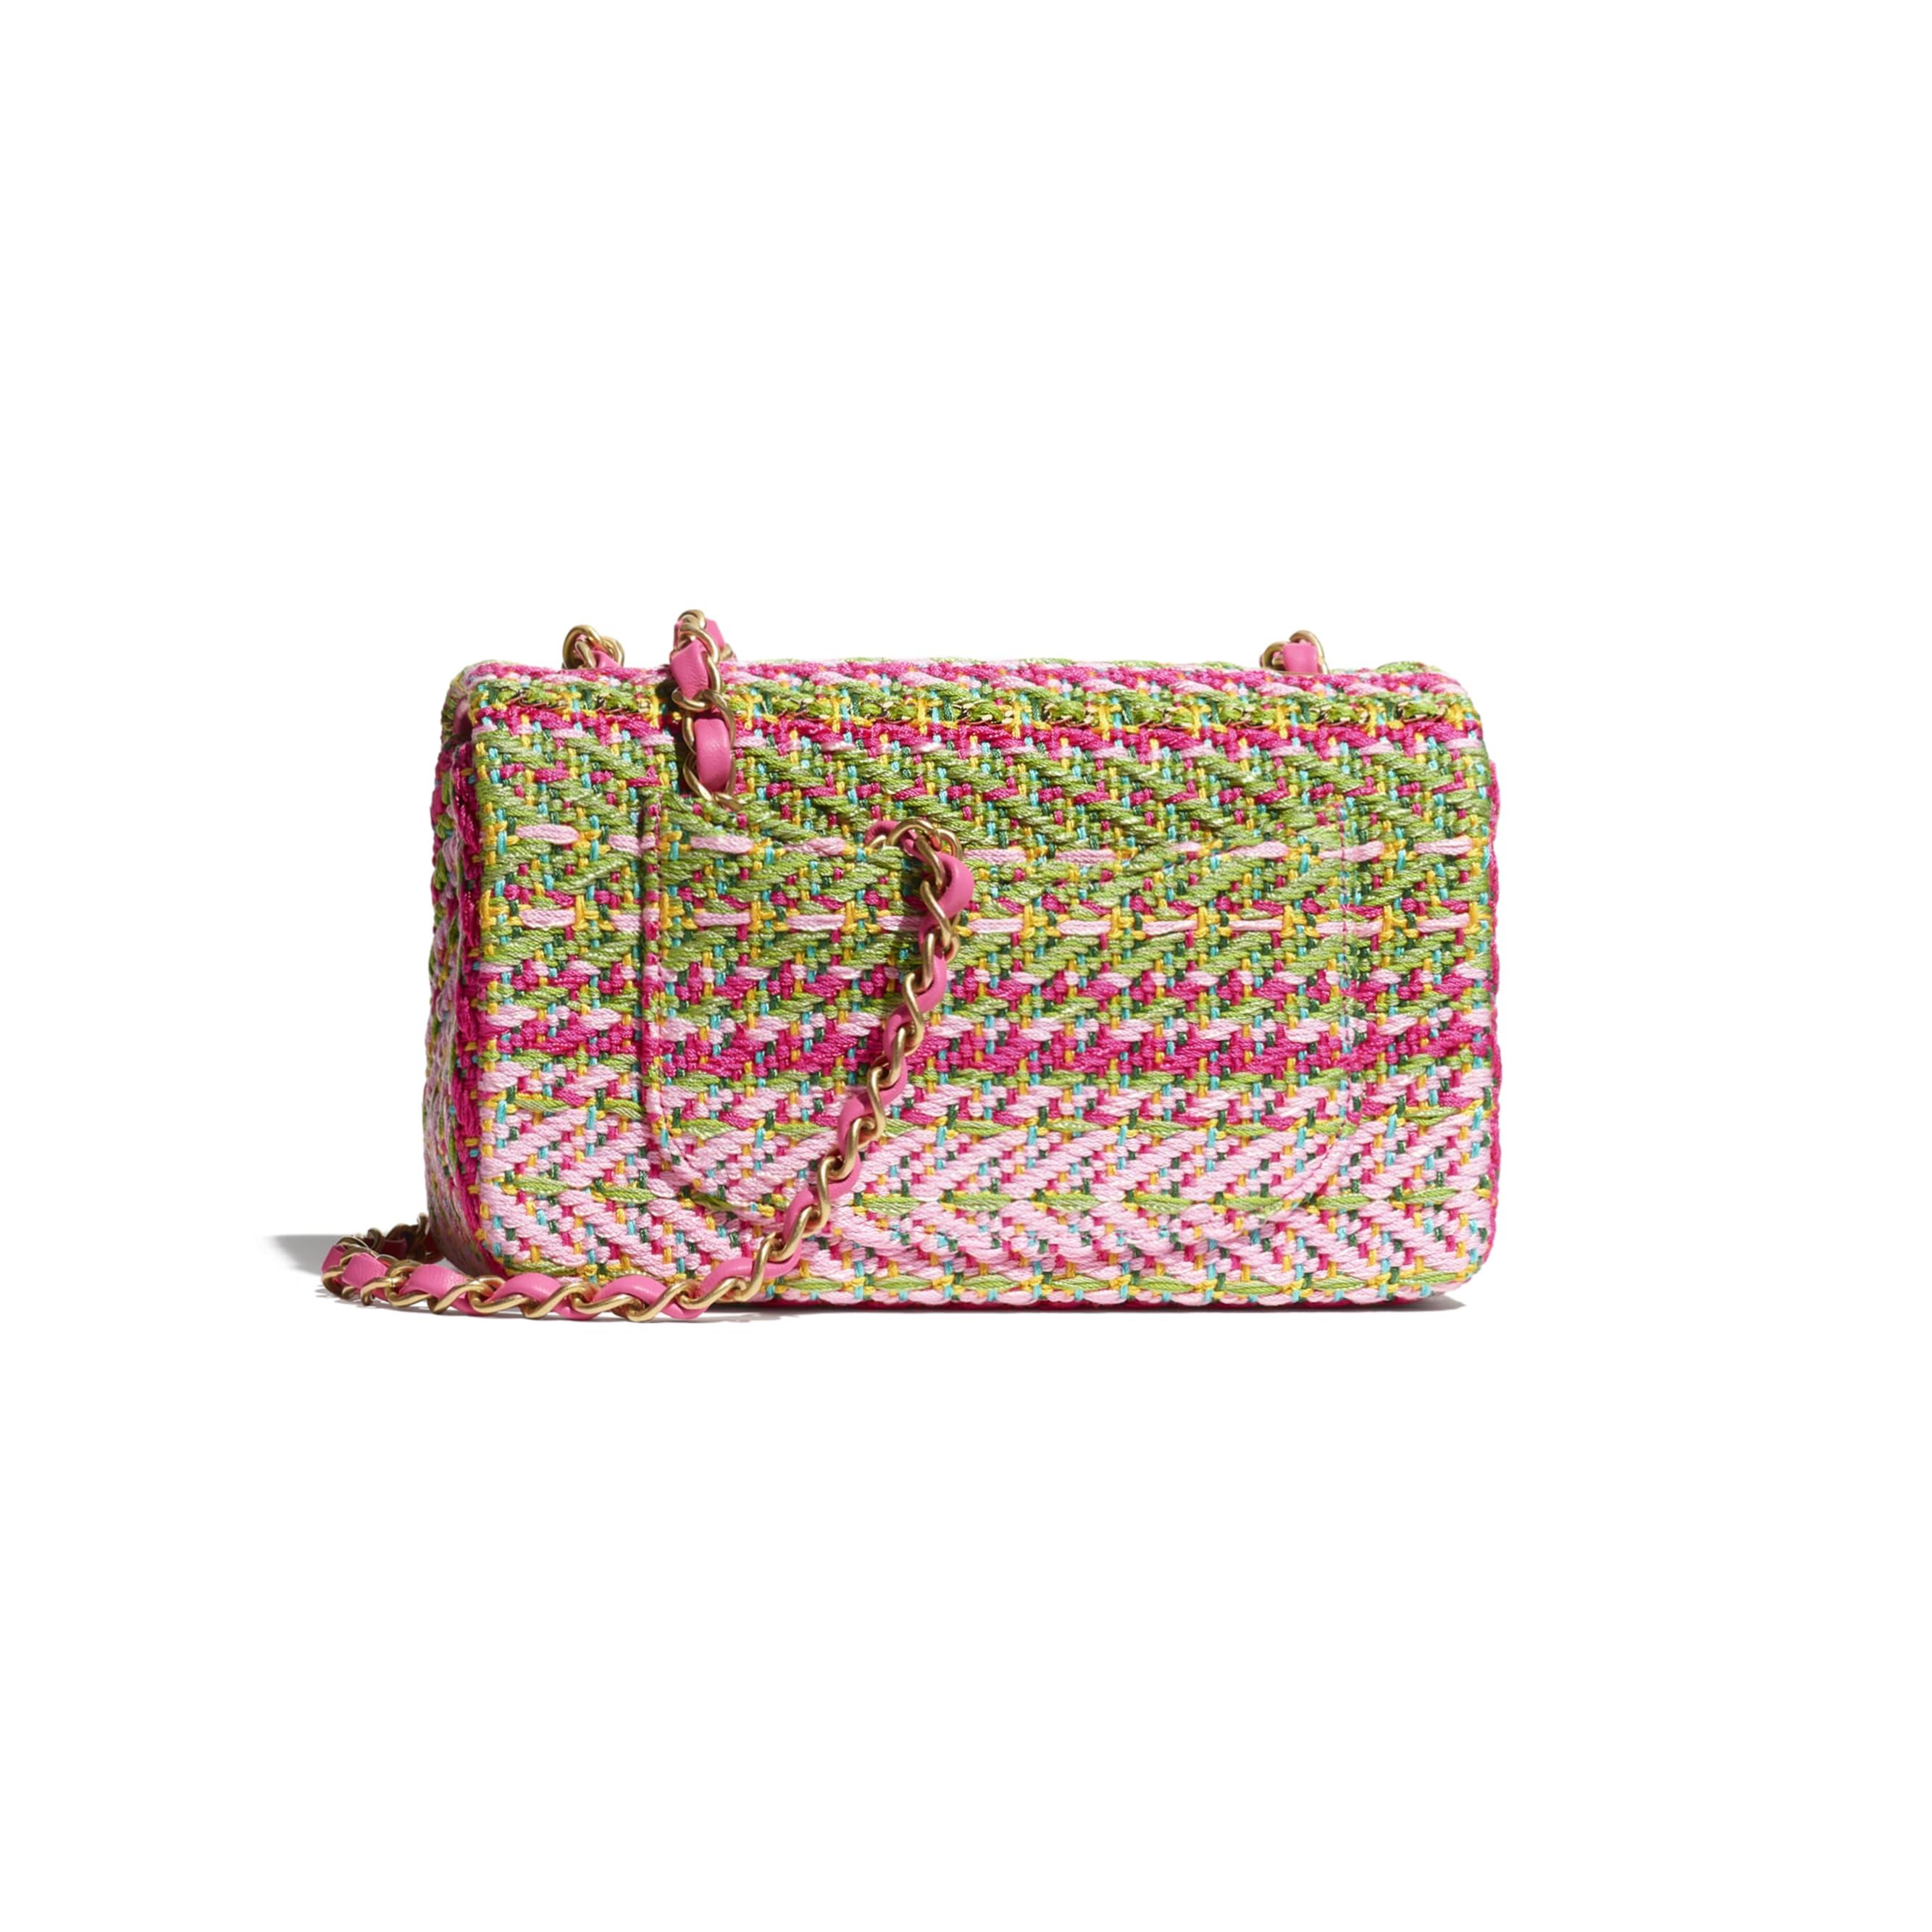 Bolsa Mini - Fúcsia, Rosa Claro, Verde, Turquesa & Amarelo - Algodão, Mix de Fibras & Metal Dourado - CHANEL - Vista alternativa - ver a versão em tamanho standard